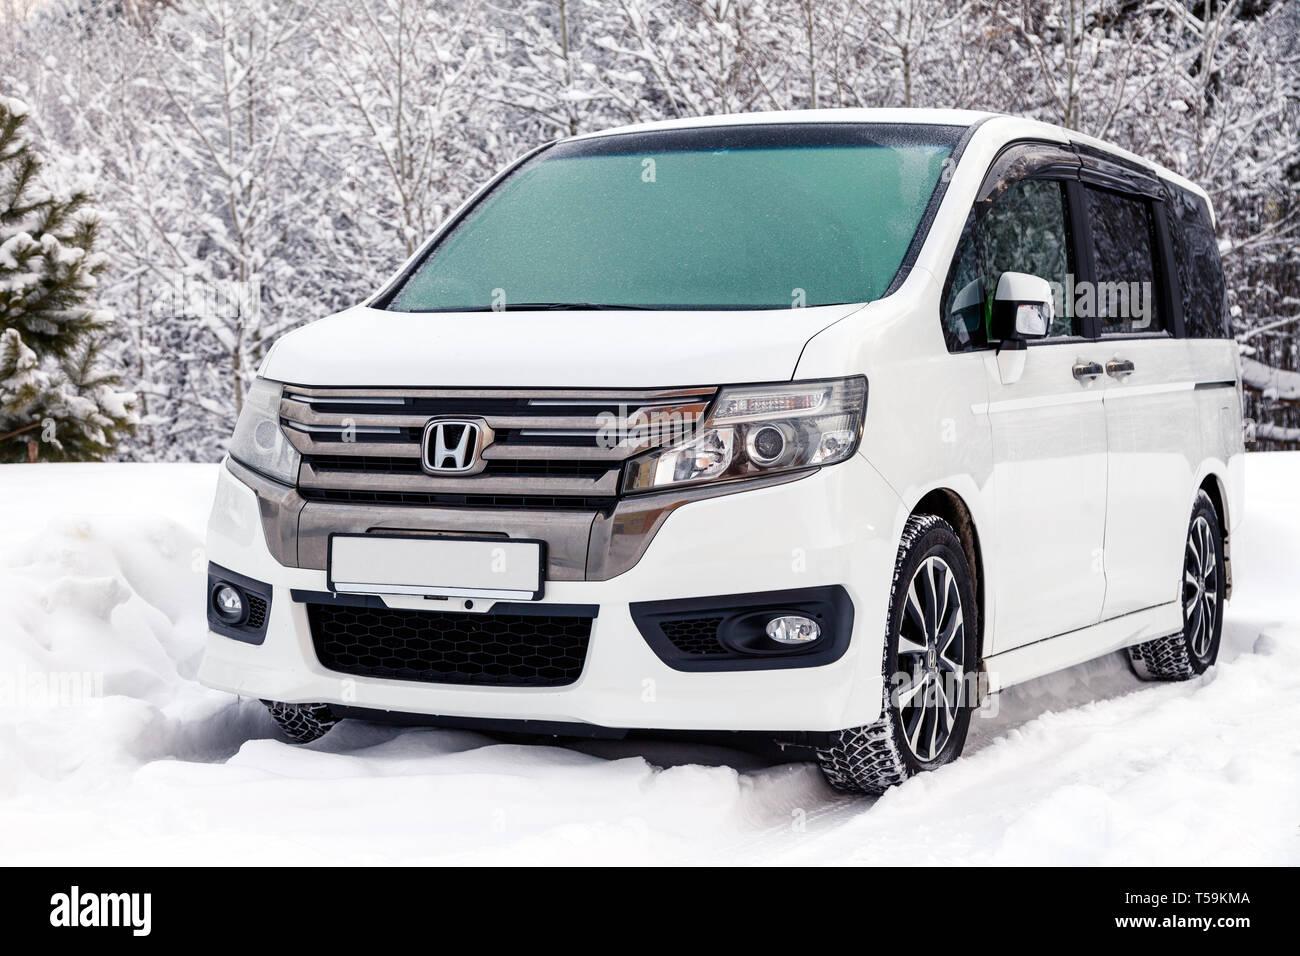 Kelebihan Honda Bus Top Model Tahun Ini